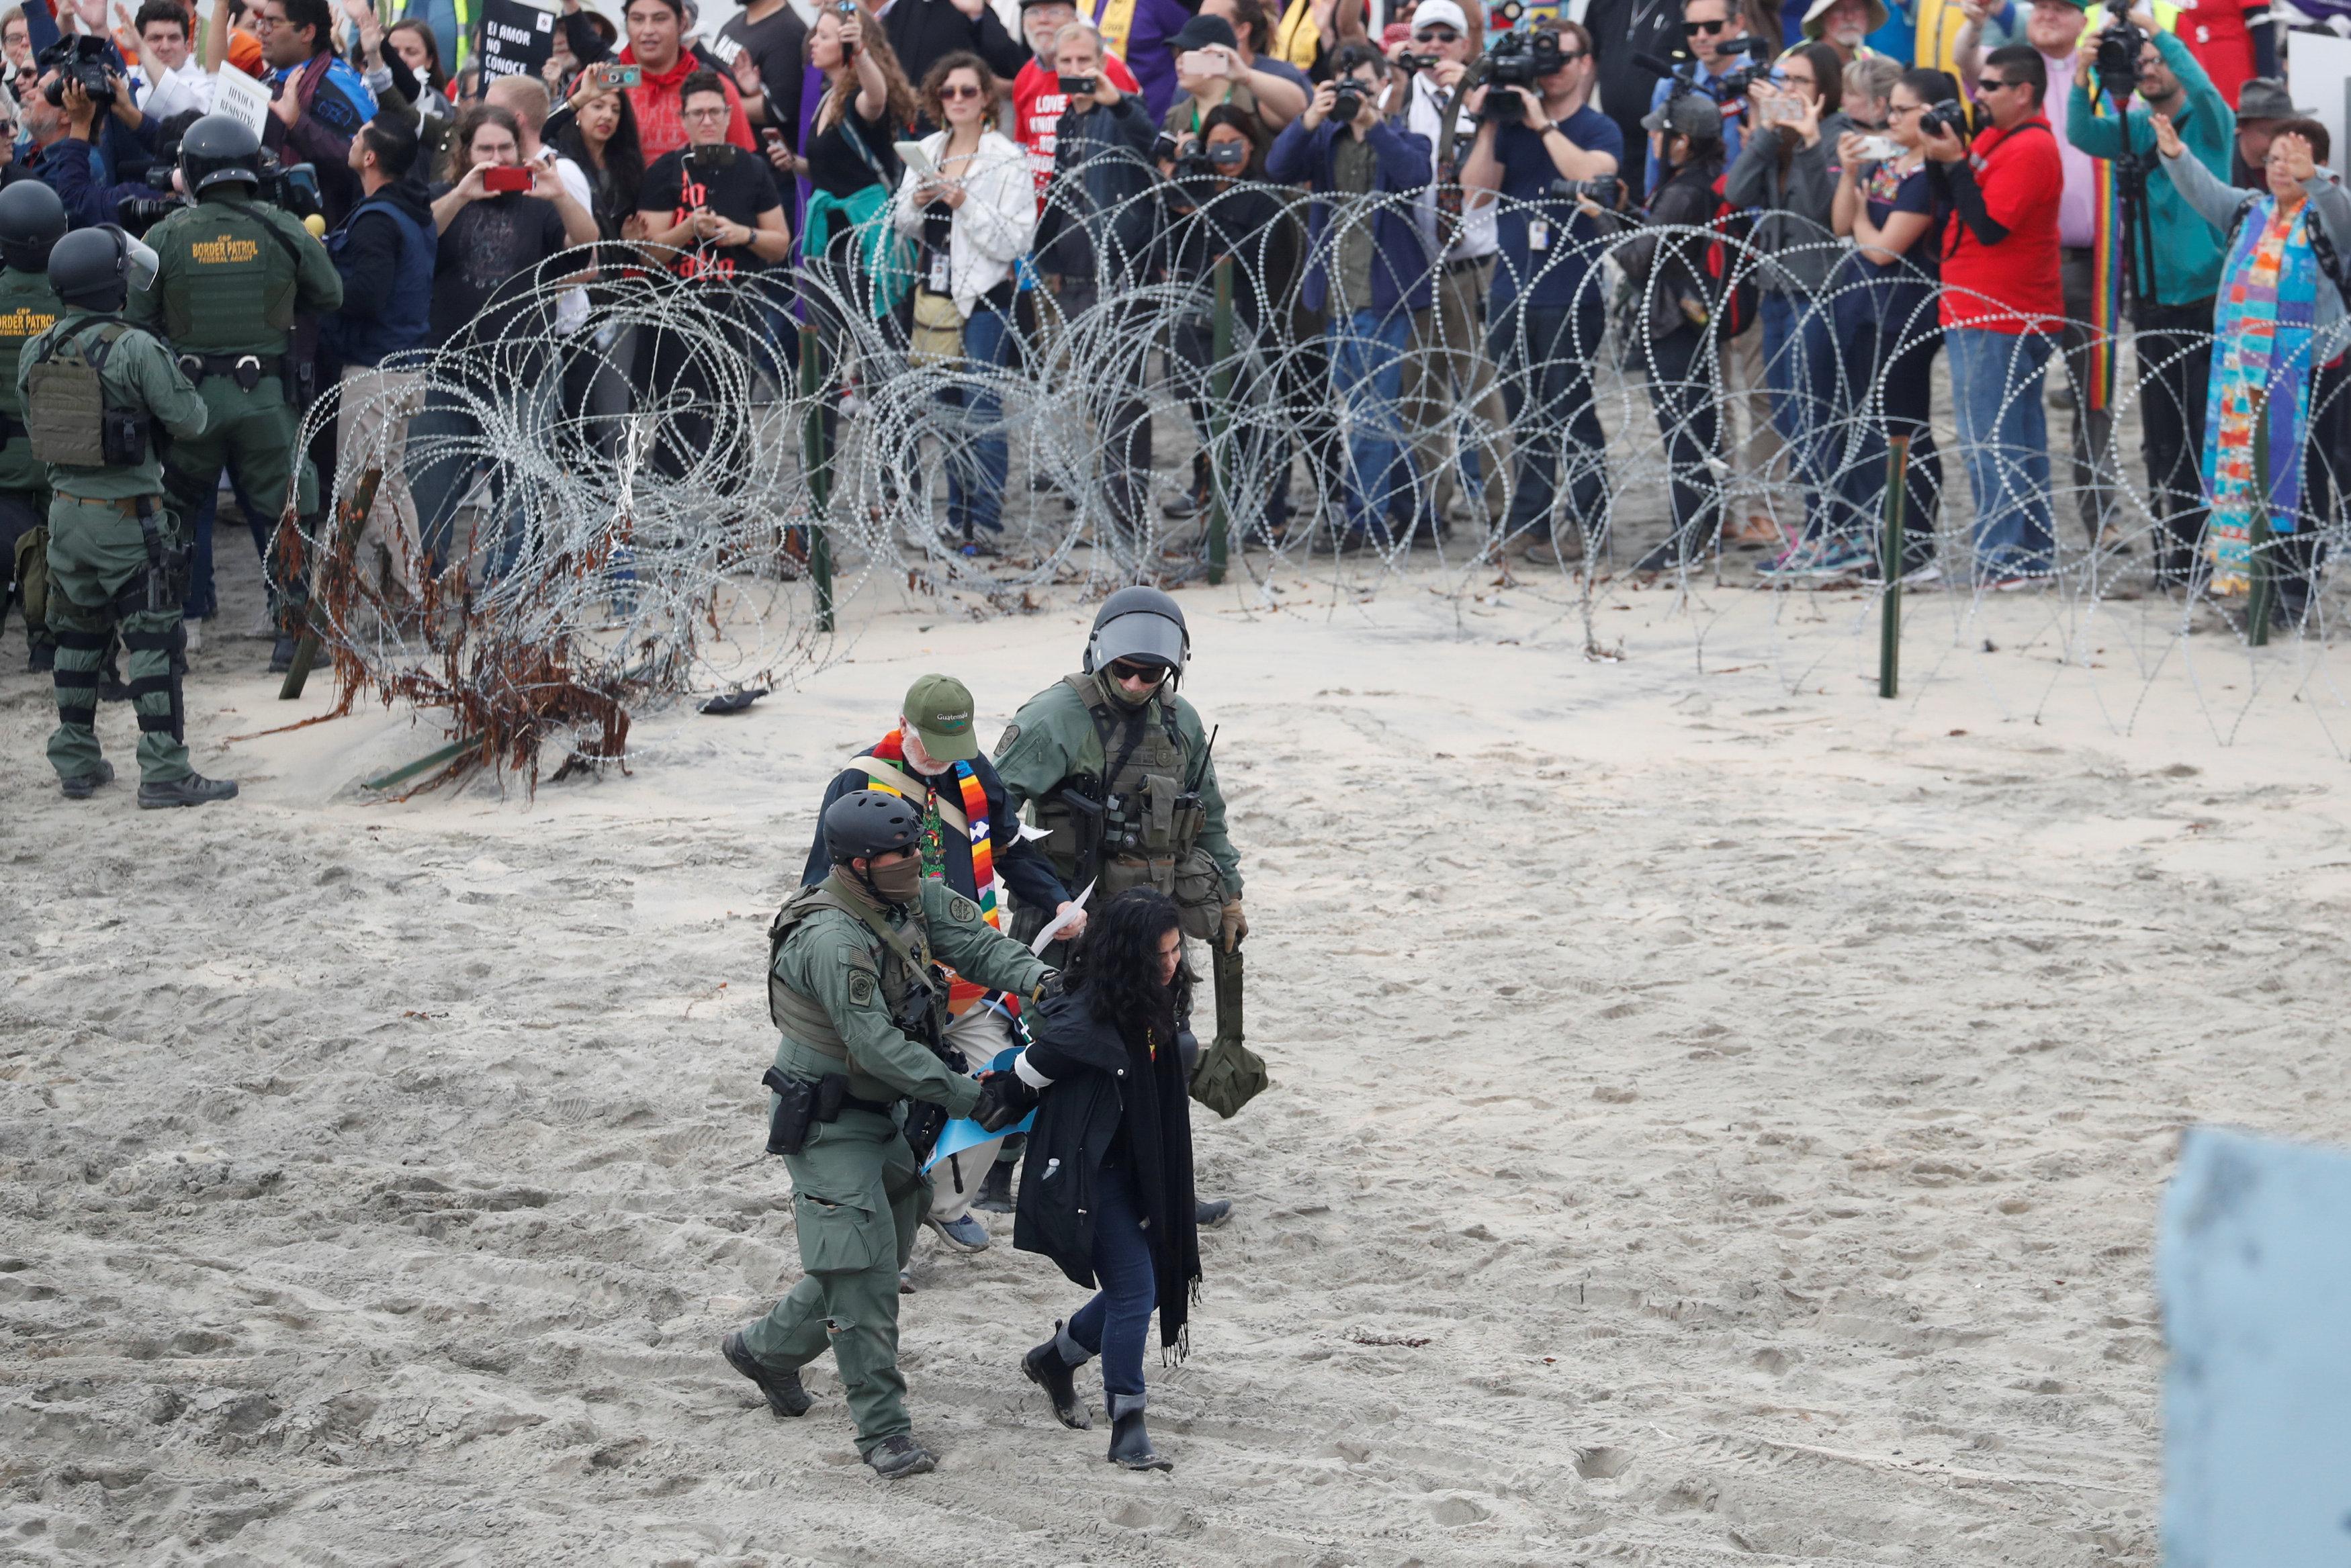 اعتقال مهاجرين على الجانب الأمريكى من الحدود مع المكسيك  (5)